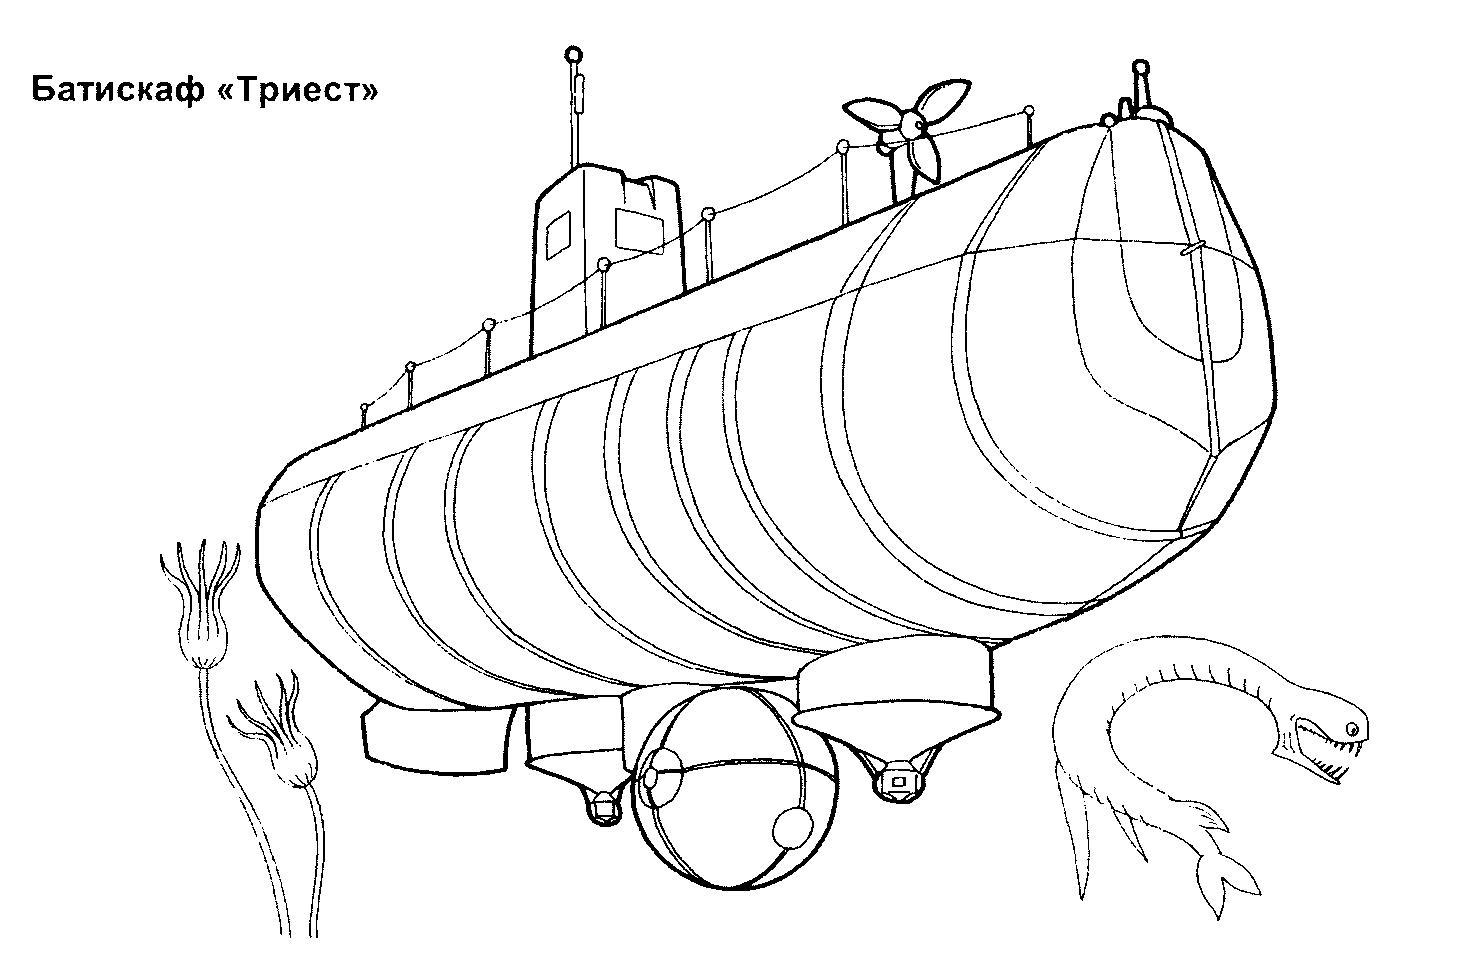 Раскраска батискаф. раскраска скачать картинку батискафа, раскраска батискаф, подводная лодка, разукраска подлодки